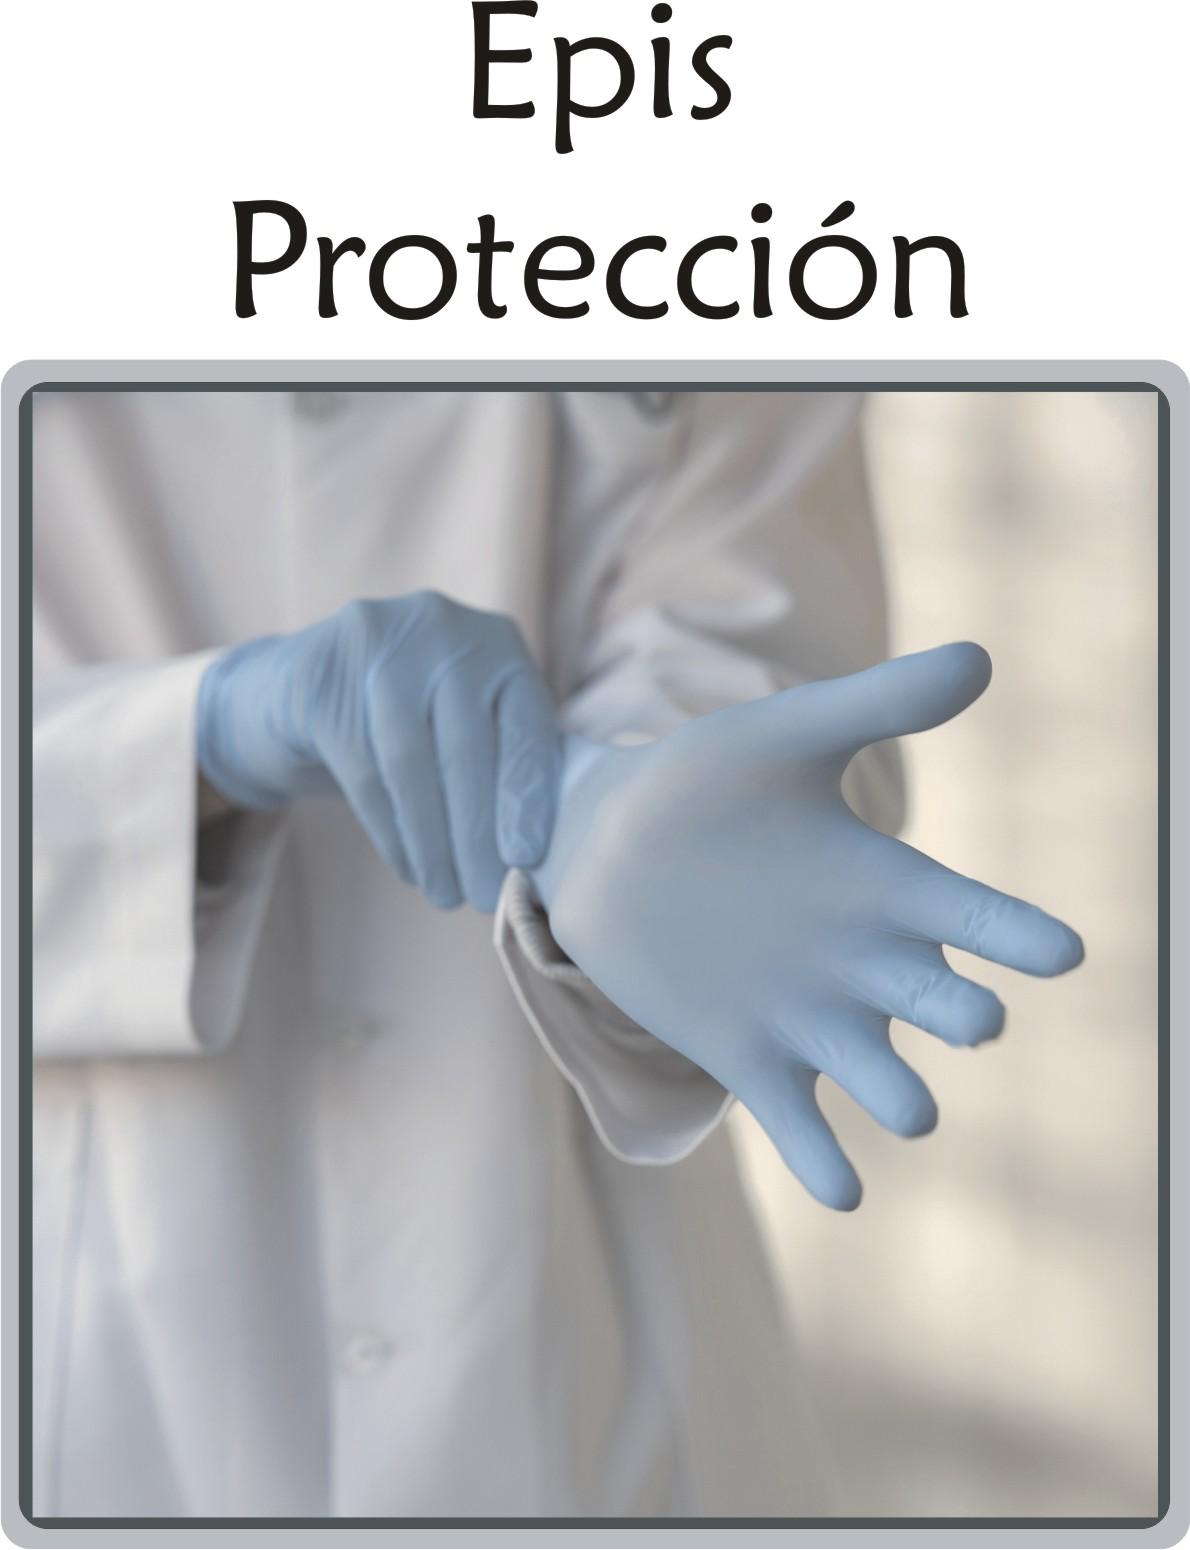 SAFIR epis proteccinjpg